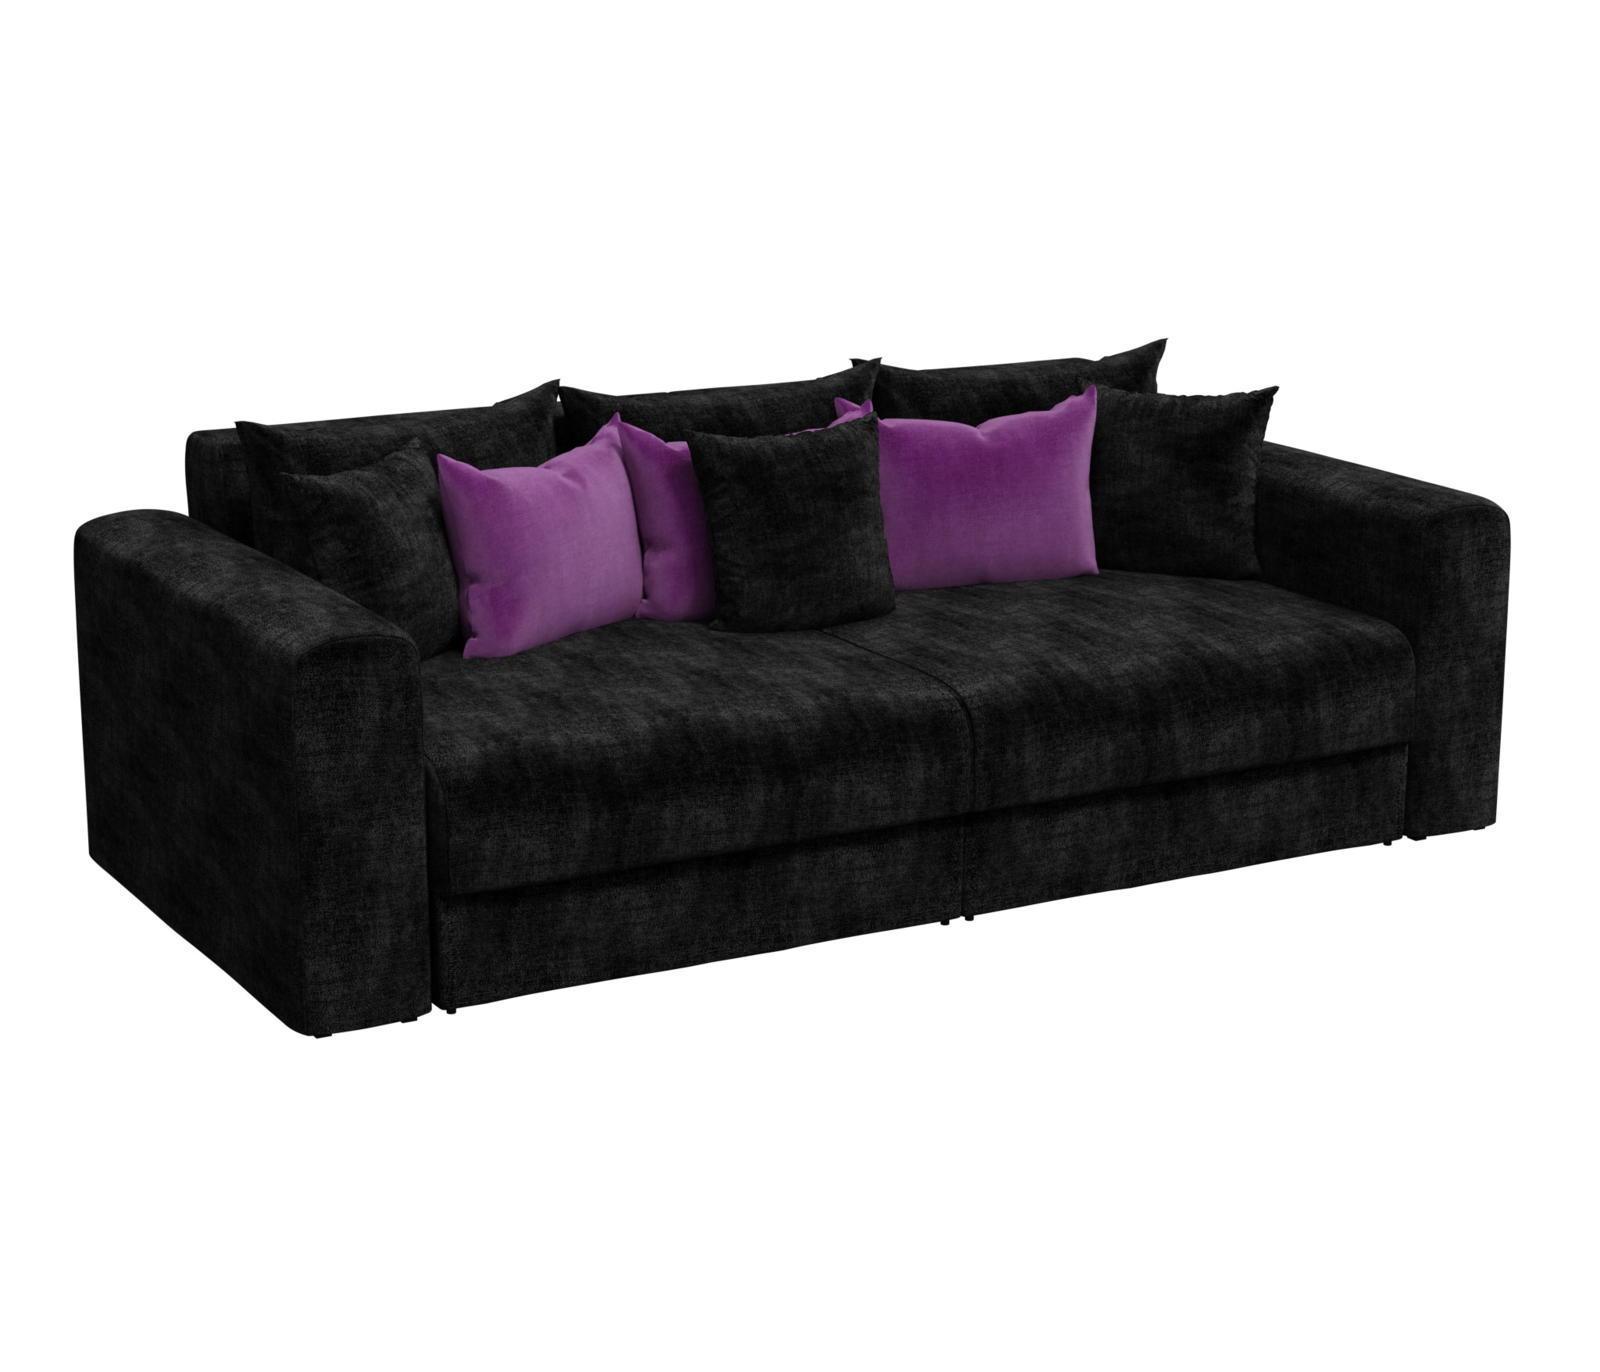 Диван прямой Мебелико Мэдисон микровельвет черный/ подушки фиолетовый